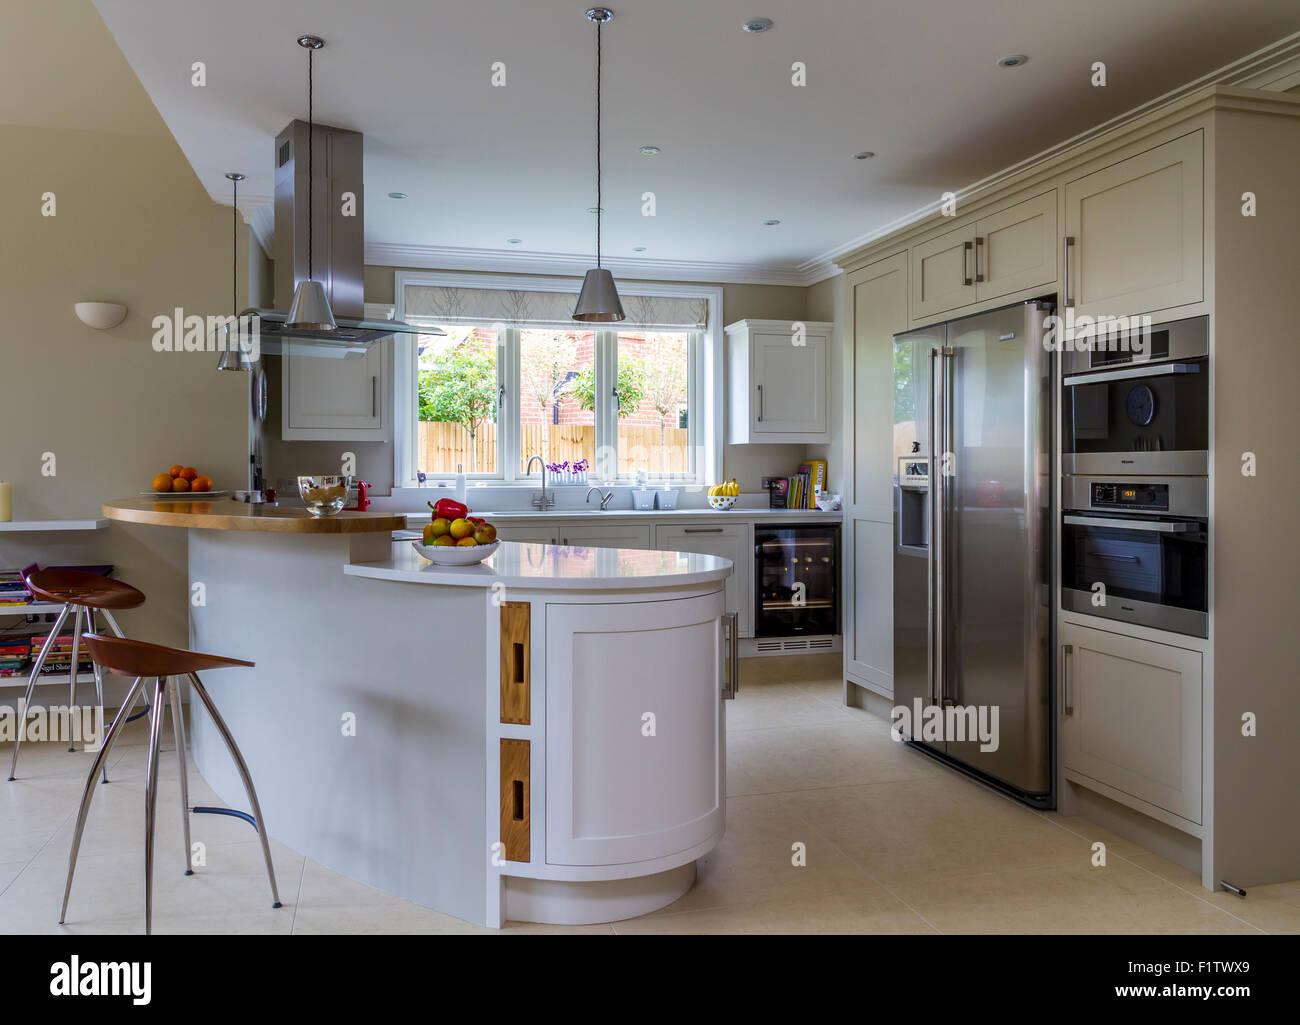 Dipinto di bianco di cucina con forno stile americano fridgefreezer